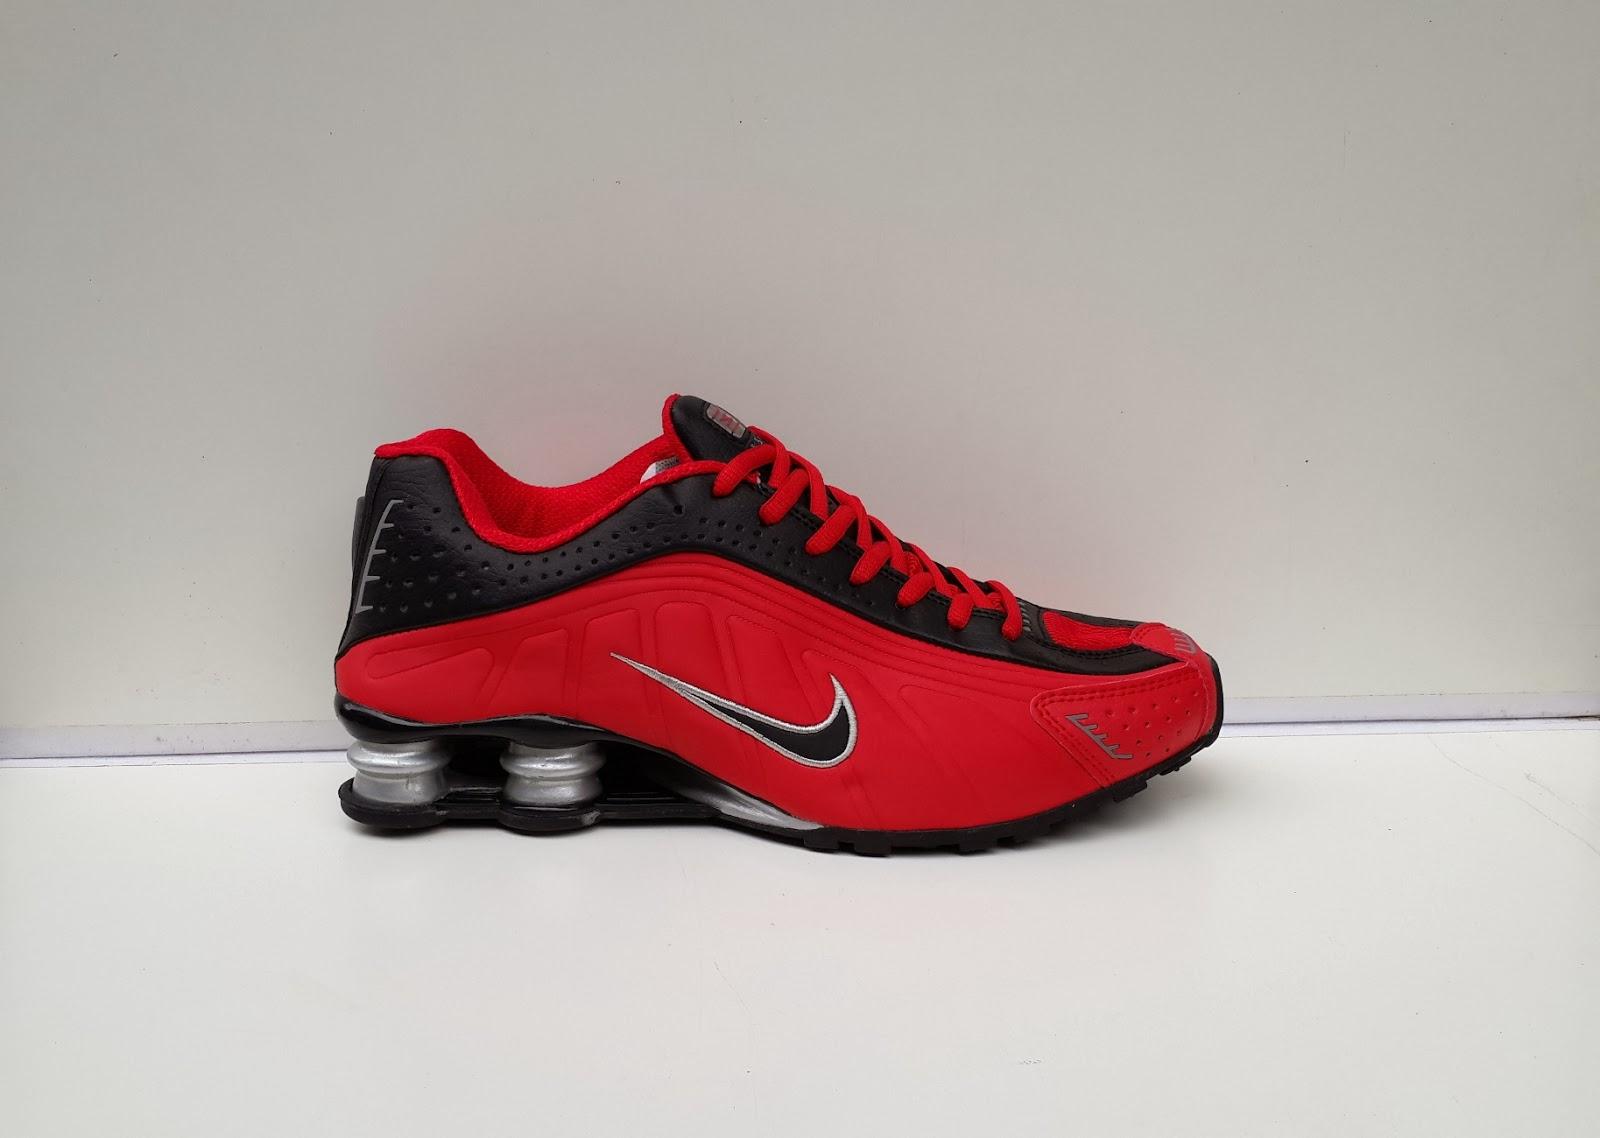 Nike Shox r4 Murah, sepatu nike merah